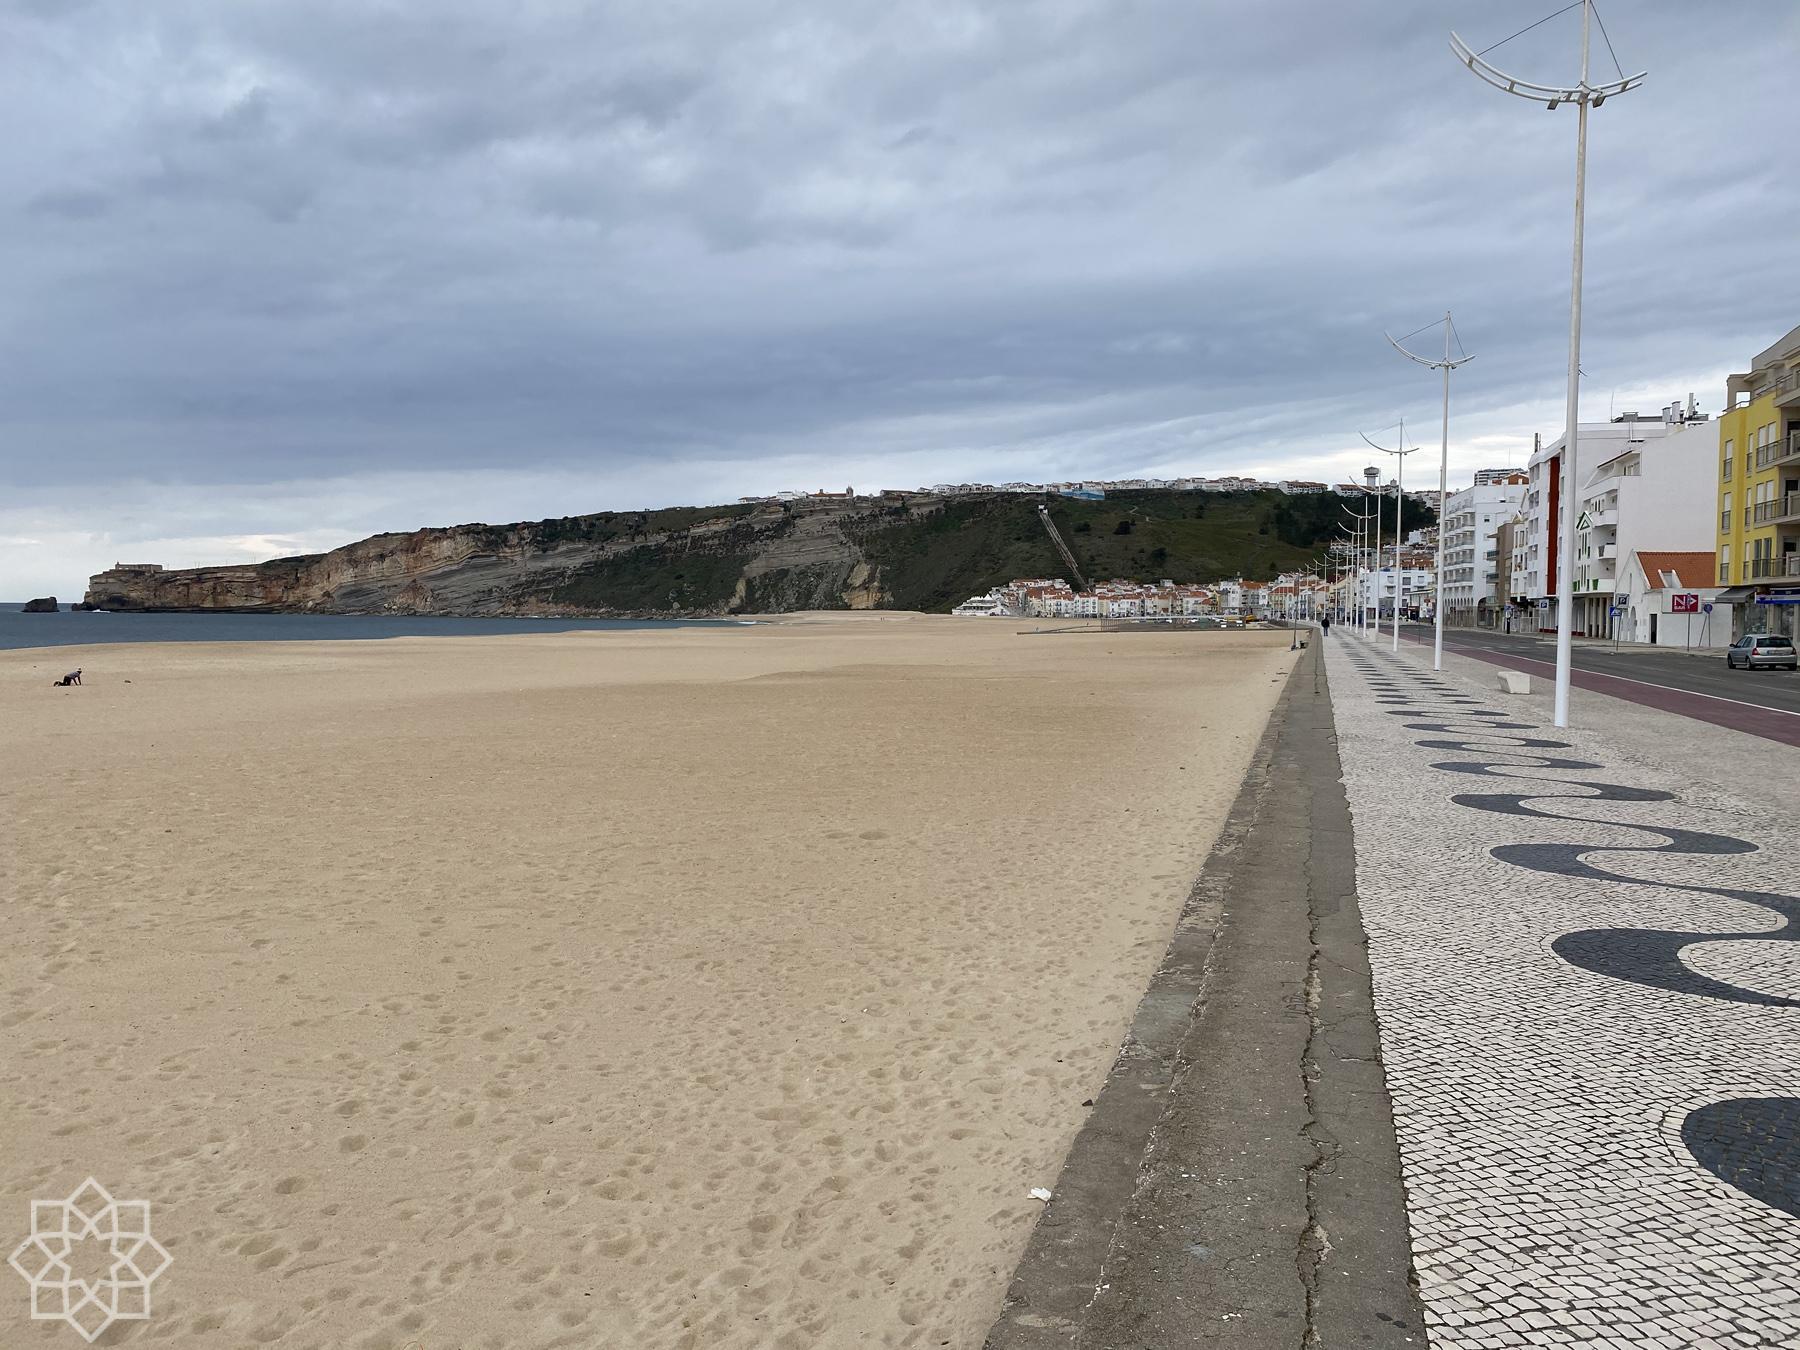 Lördag kväll. Öde. Till vänster: en person tränar ensam på stranden.